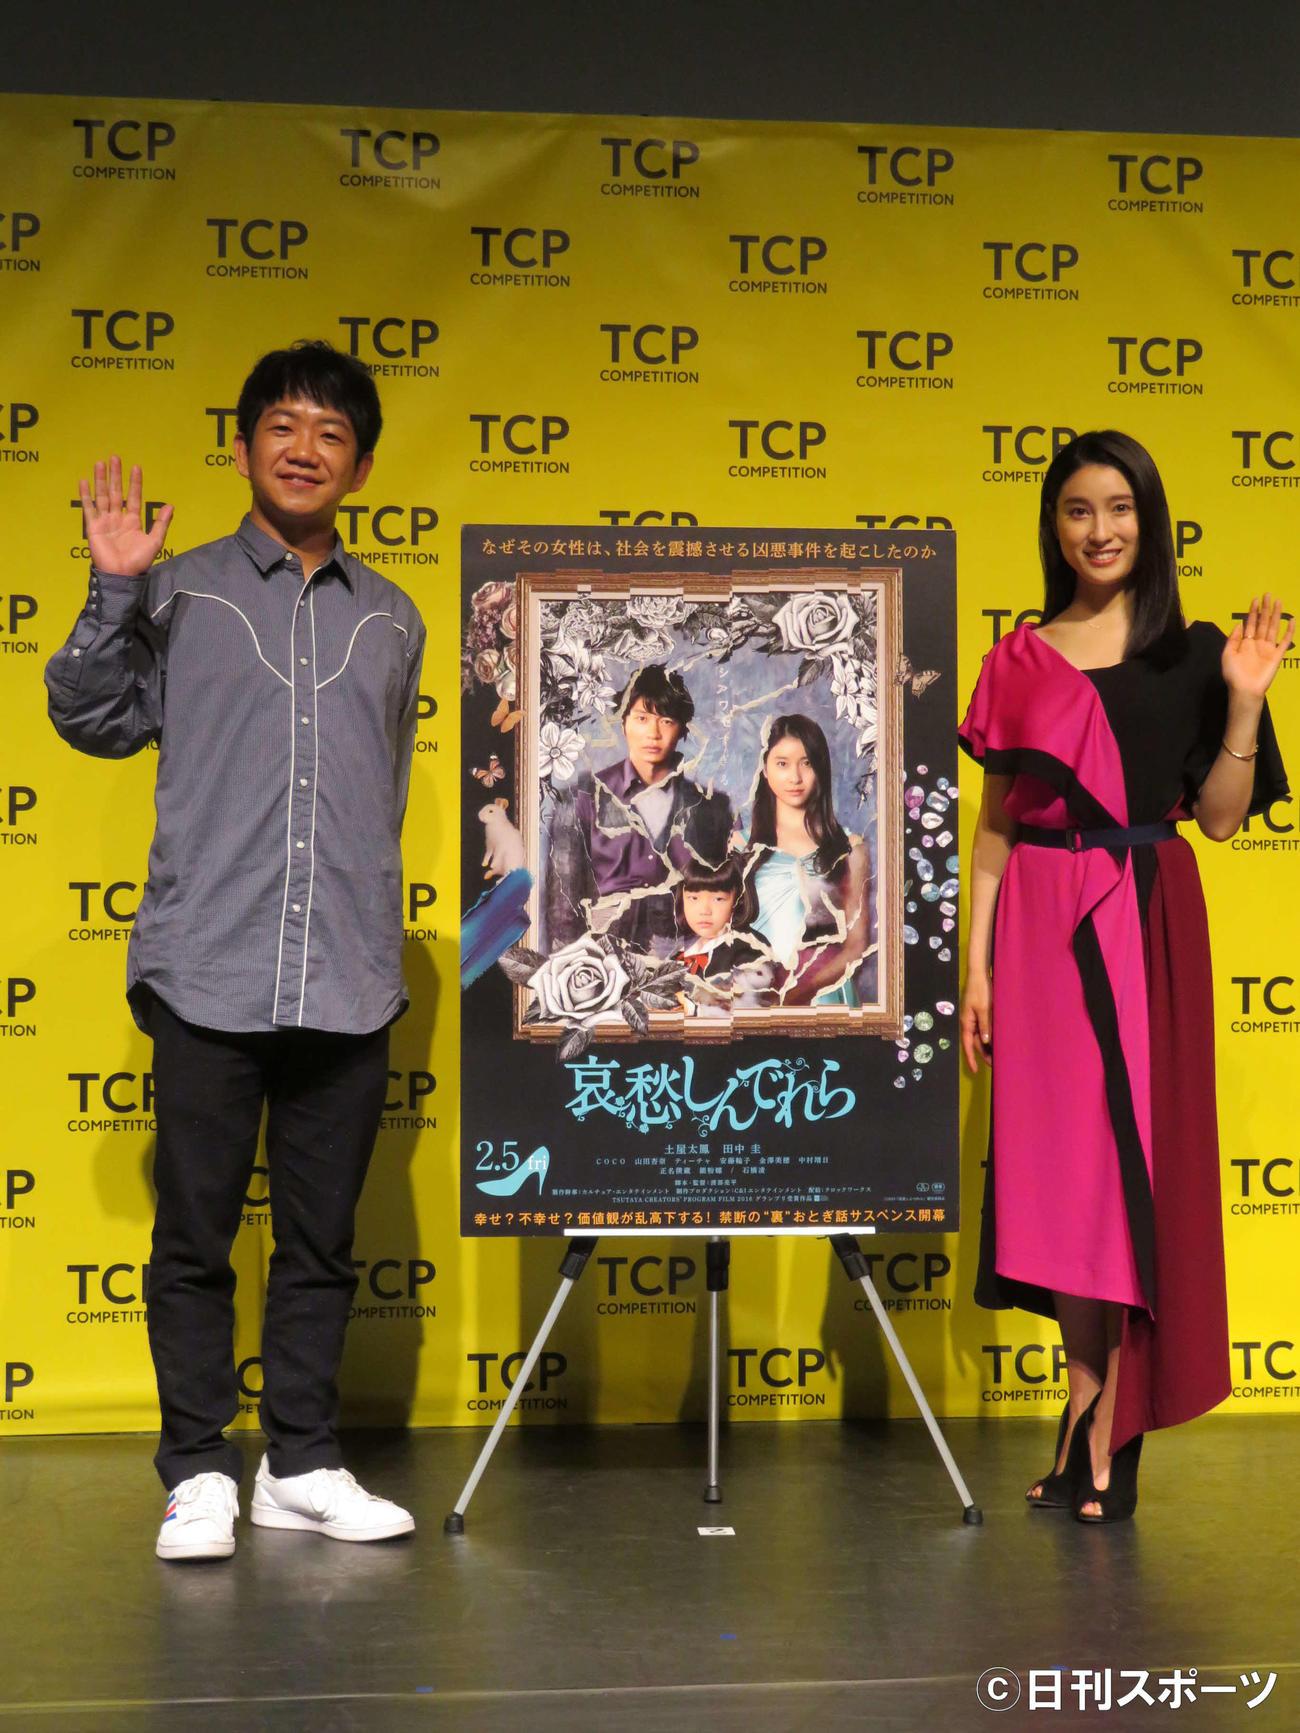 映画「哀愁しんでれら」トークイベントに登壇した渡部亮平監督(左)と土屋太鳳(撮影・村上幸将)